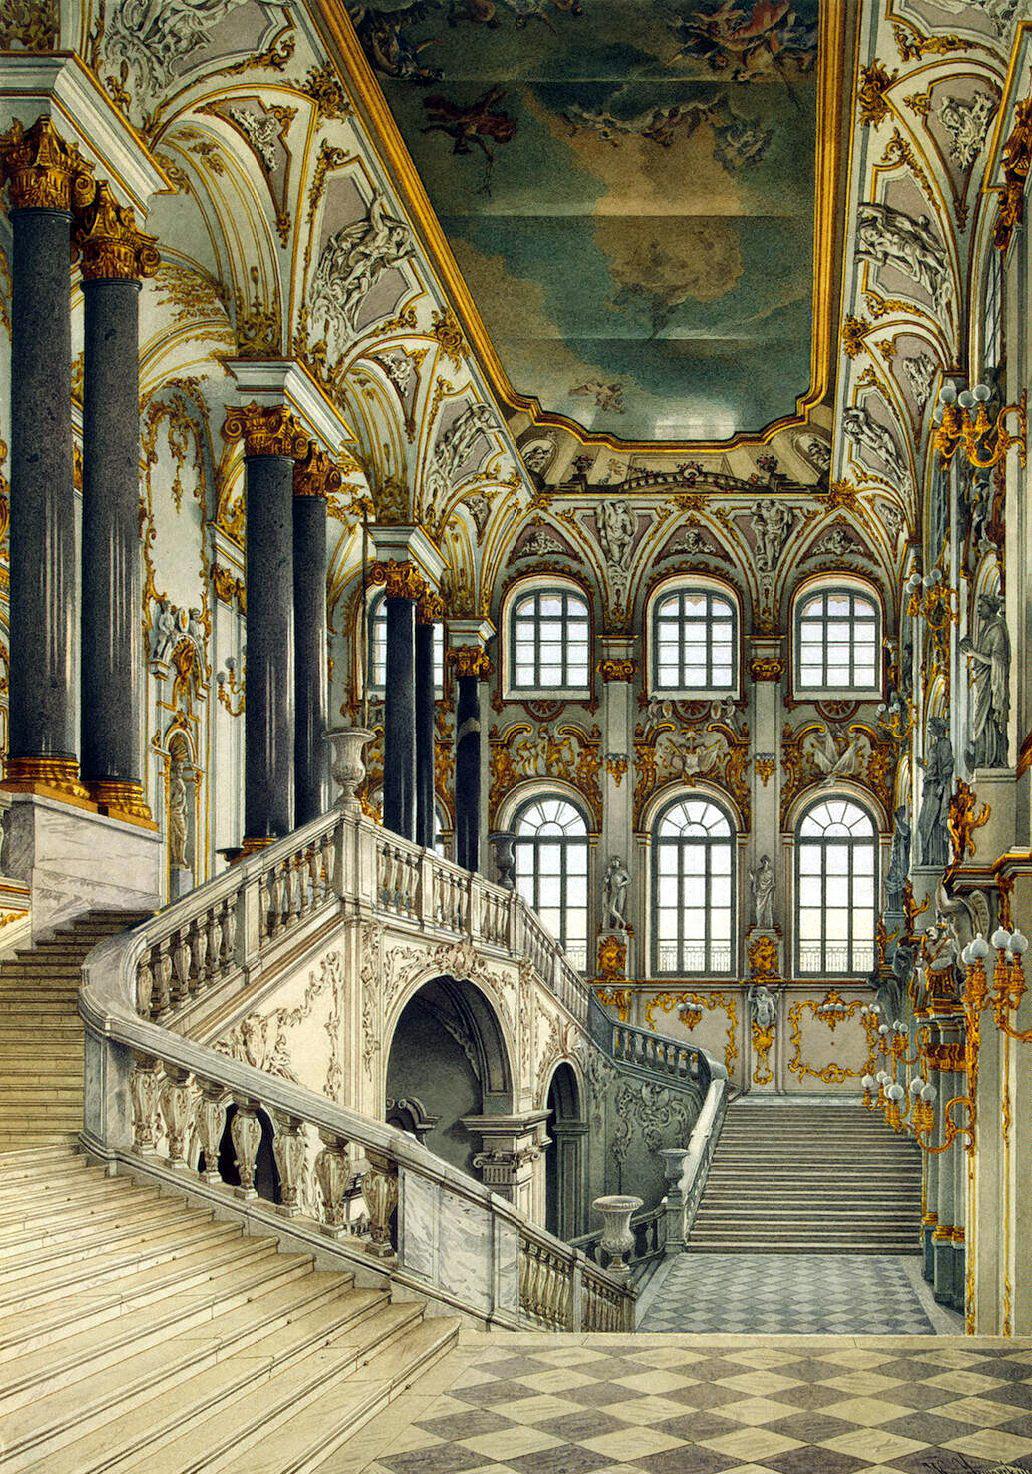 Johrdan_staircase.jpg